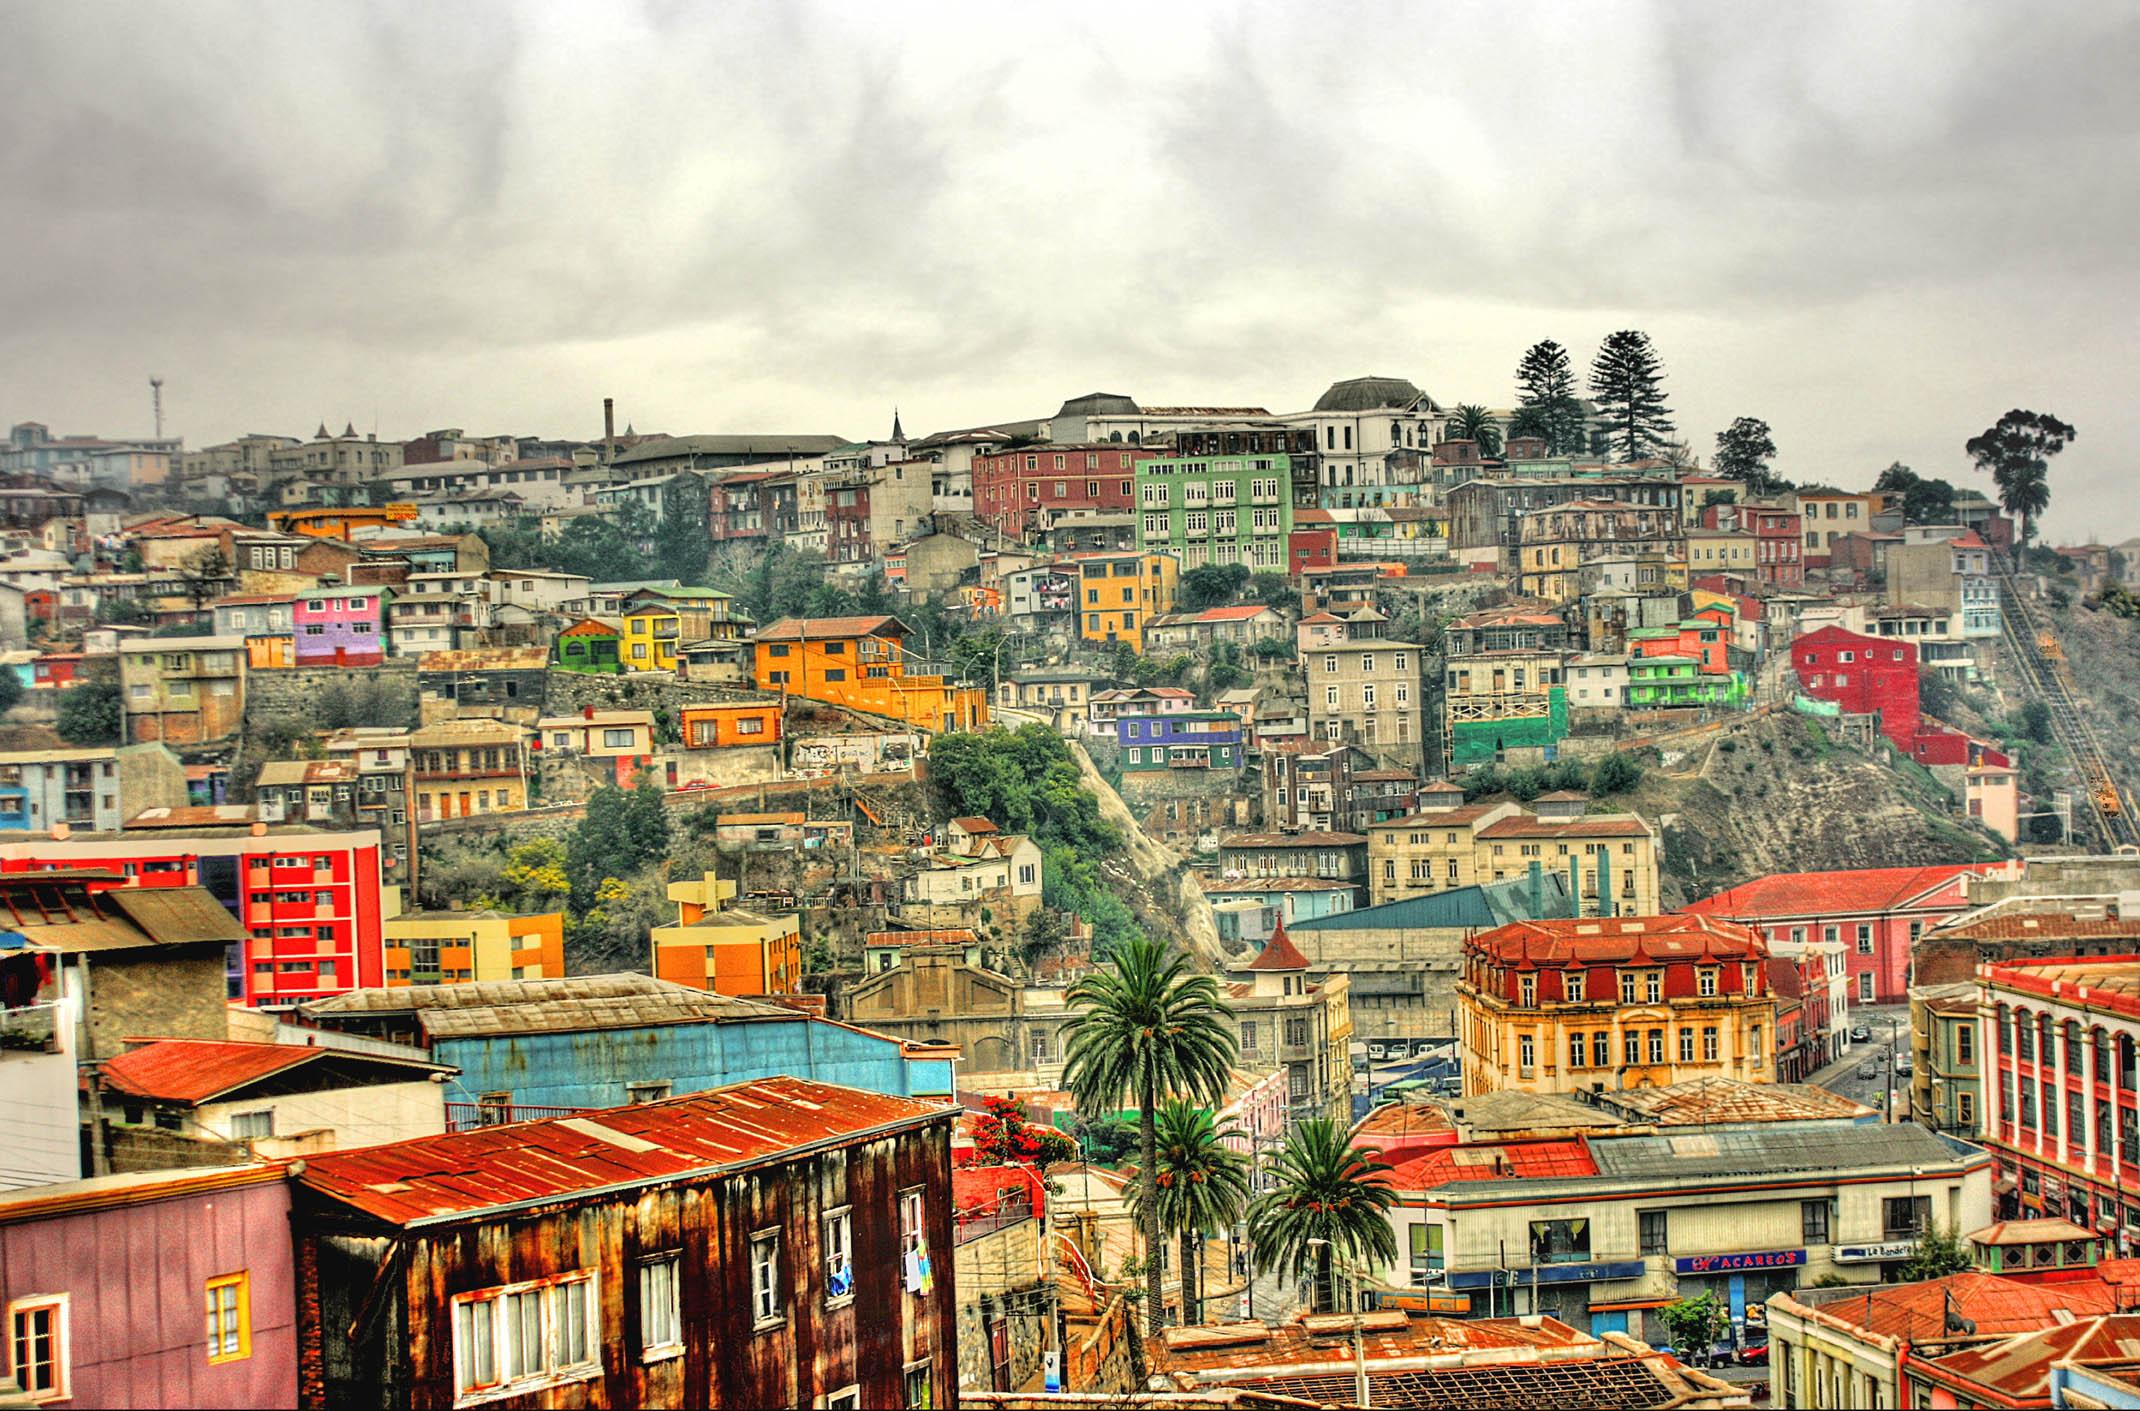 Historia de Valparaiso